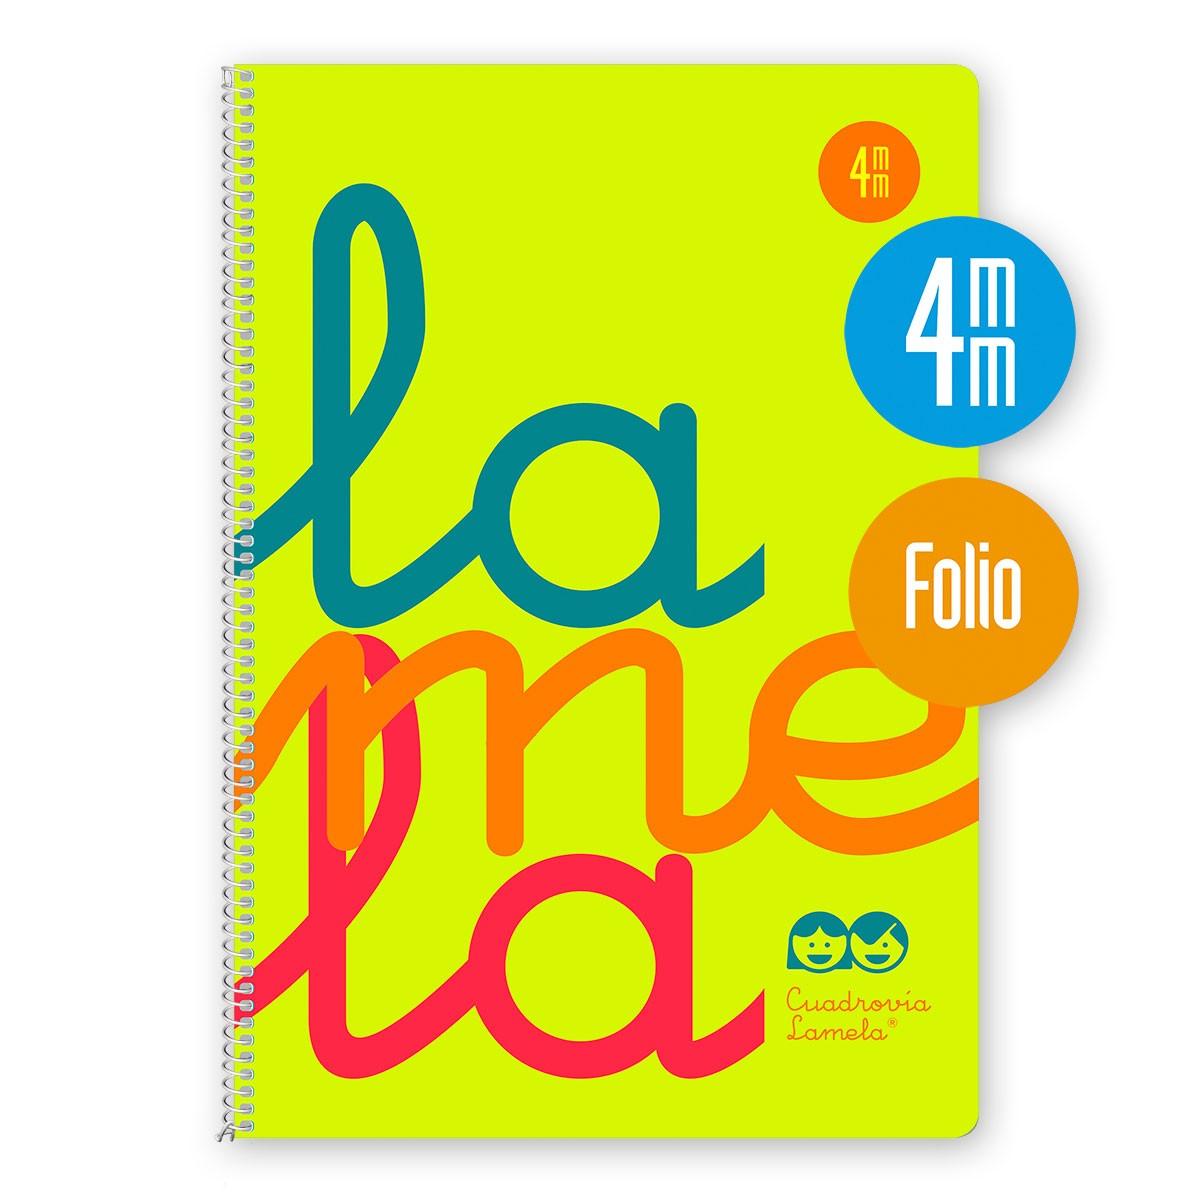 Cuaderno Espiral Folio 80 Hojas, 90 Grs. Cubierta Polipropileno Fluor. AMARILLO. Cuadrovía 4mm.